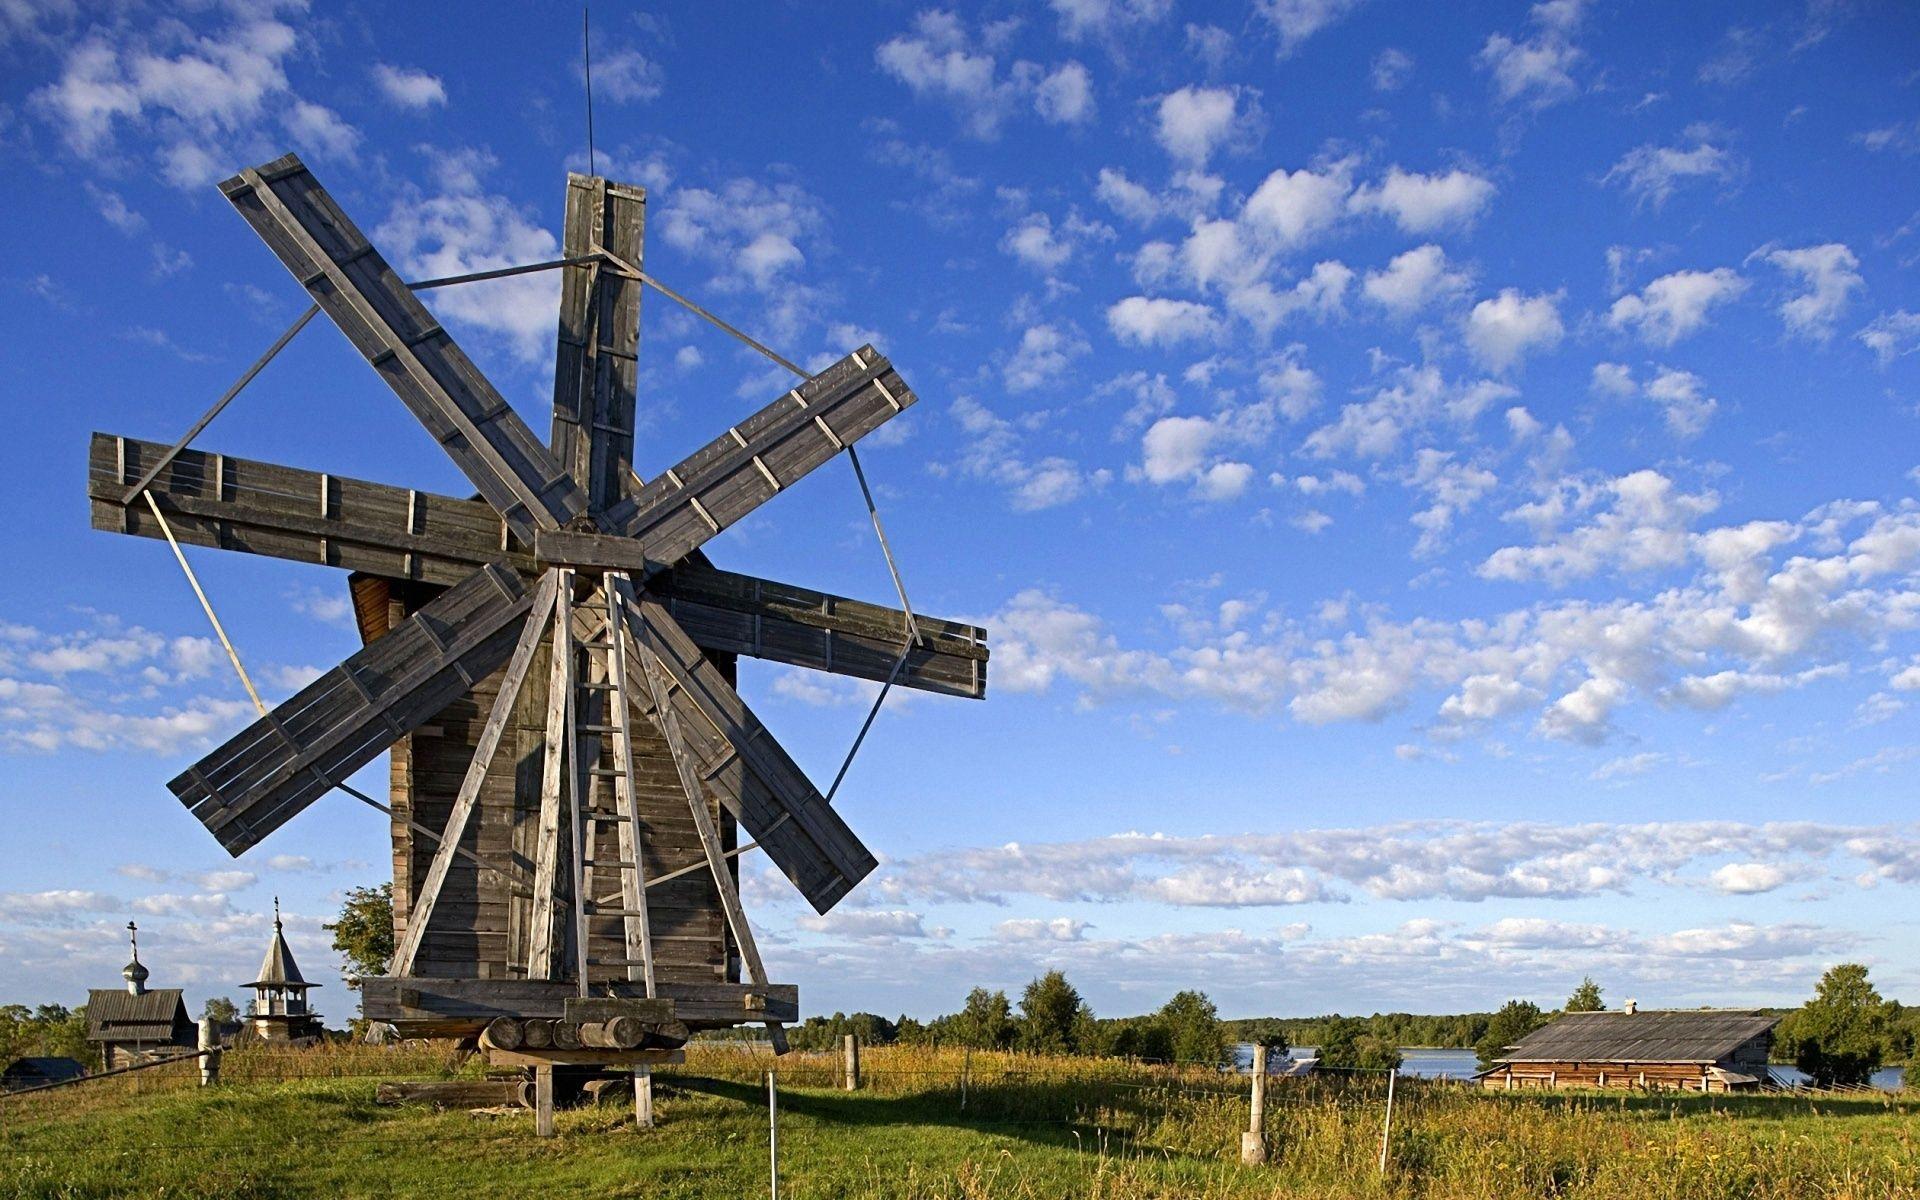 moulin_fonds-ecran-gratuits_paysage_5